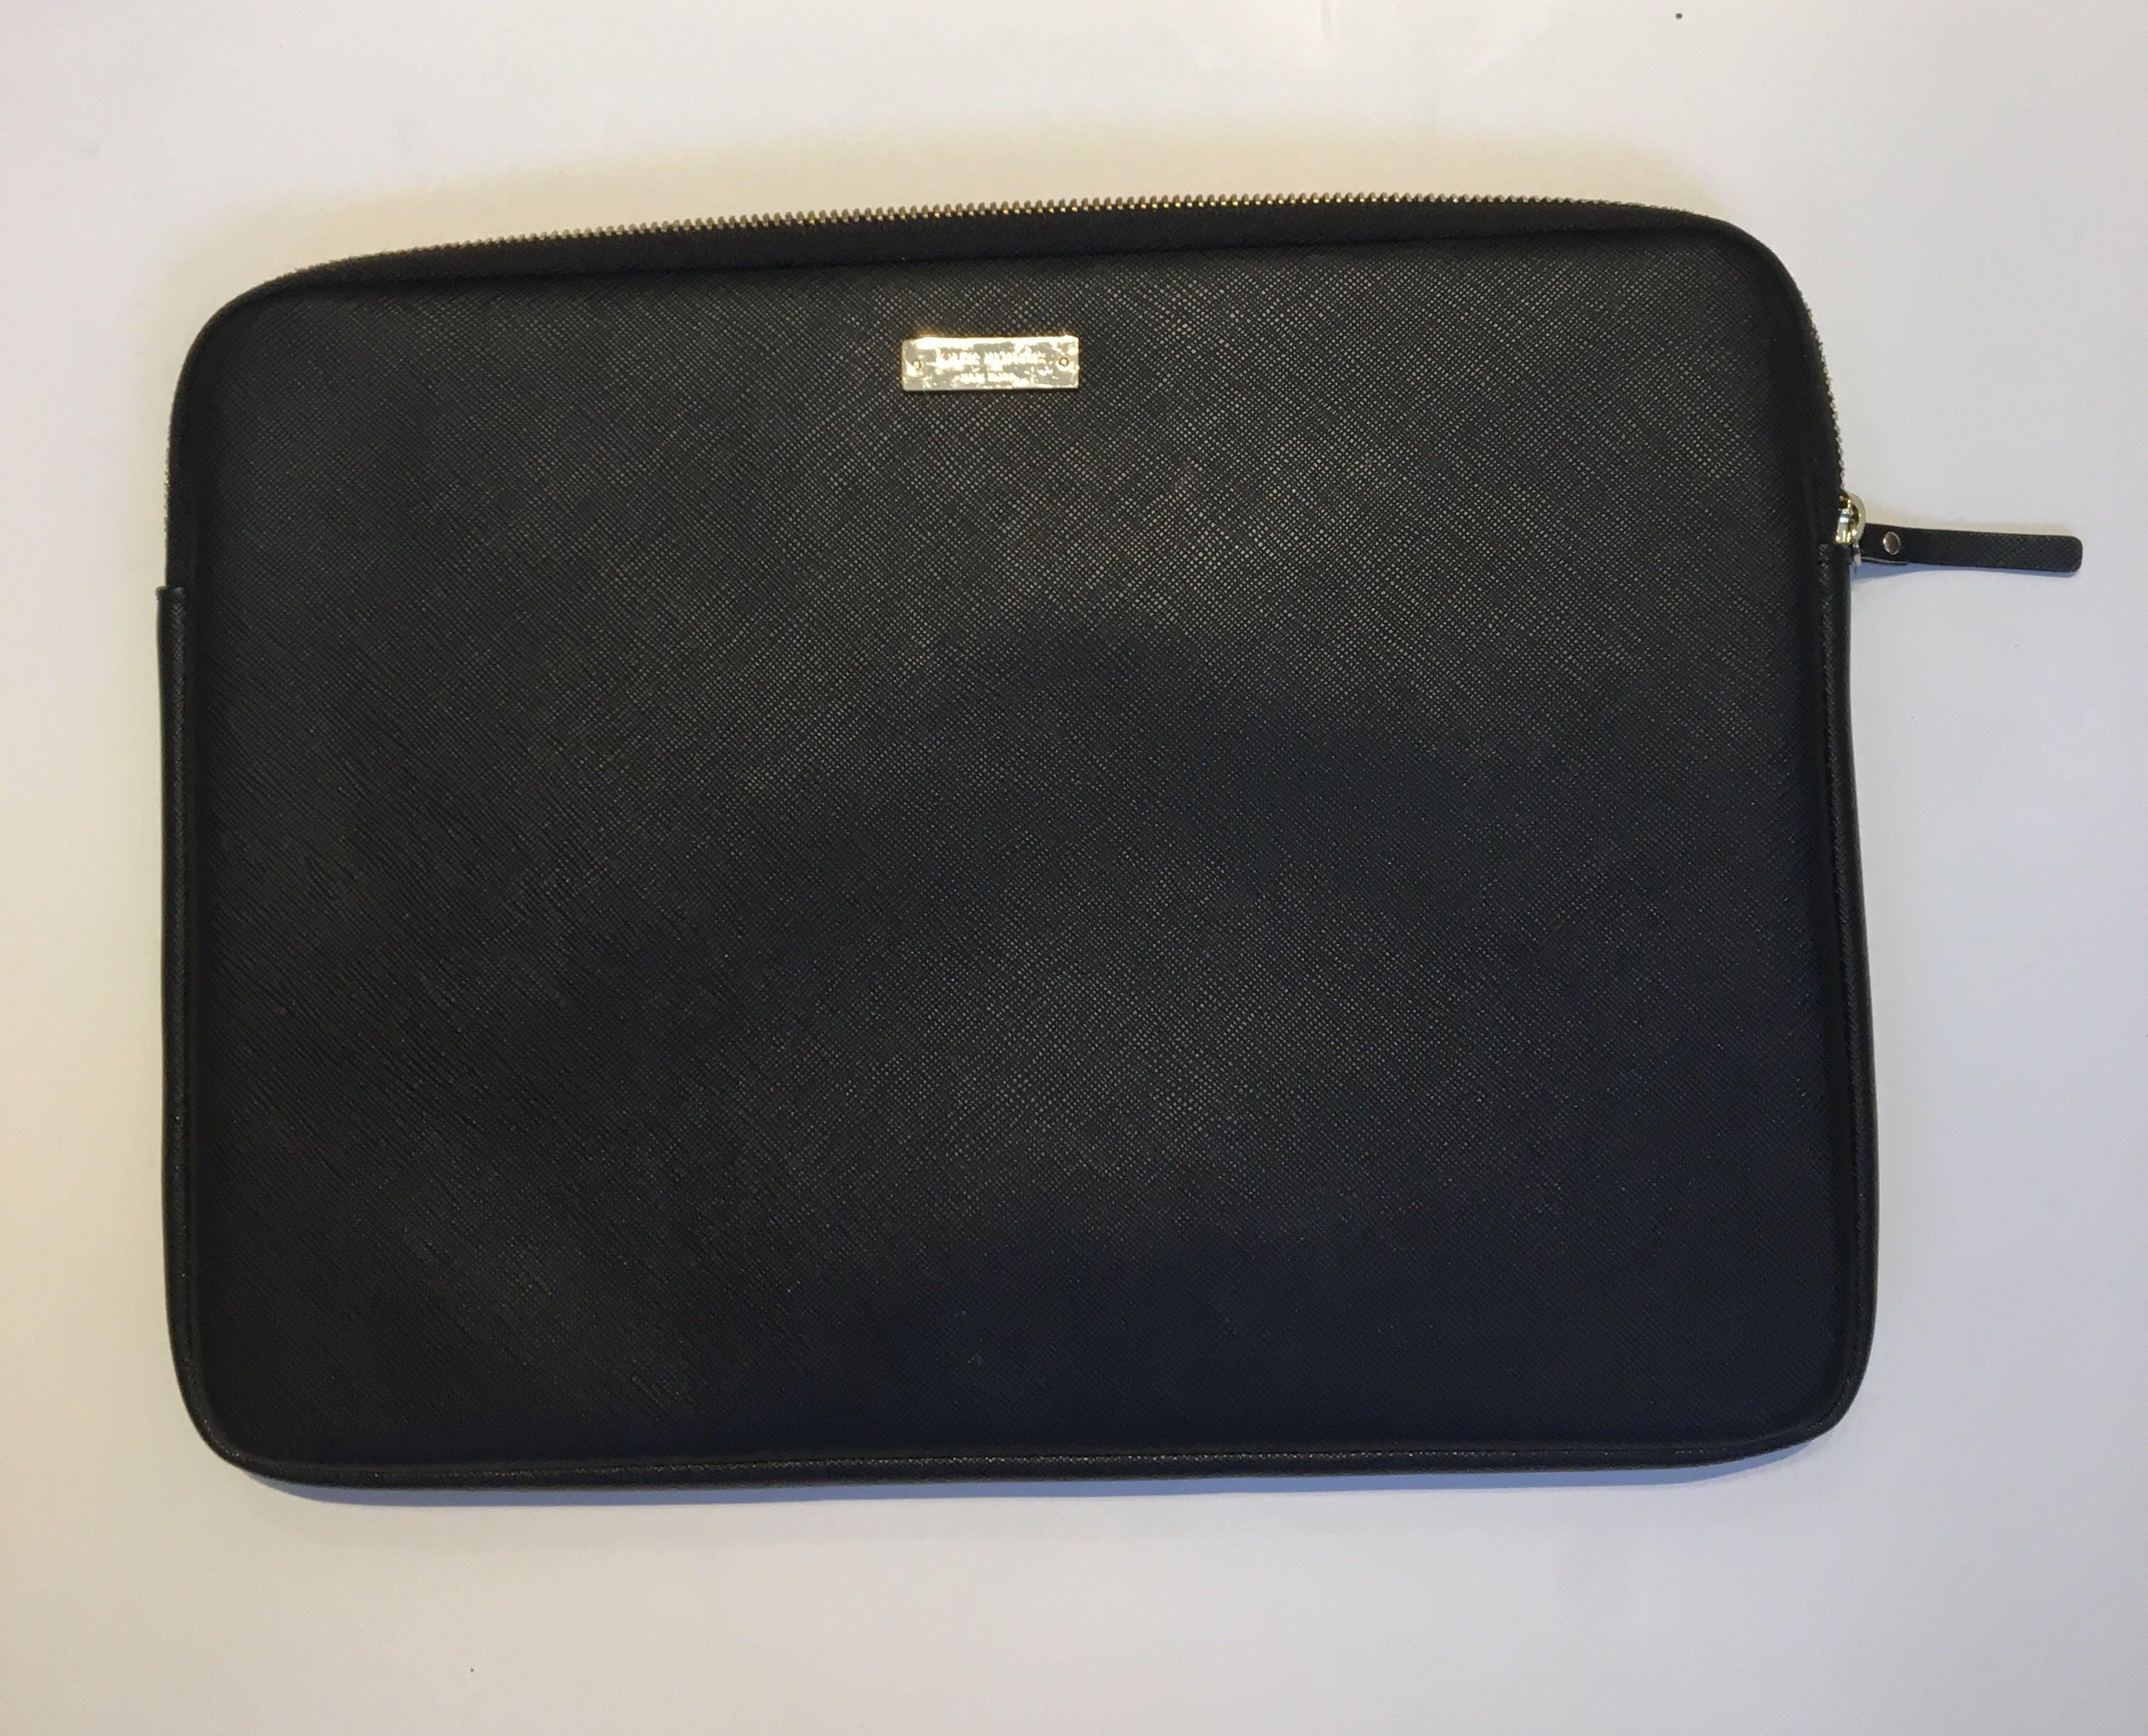 KATE SPADE laptop pouch